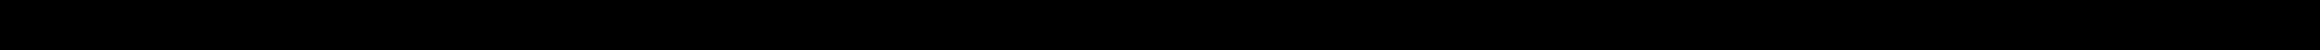 MANN-FILTER 04E 115 561, 04E 115 561 B, 04E 115 561 D, 04E 115 561 H, 04E 115 561 T Õlifilter